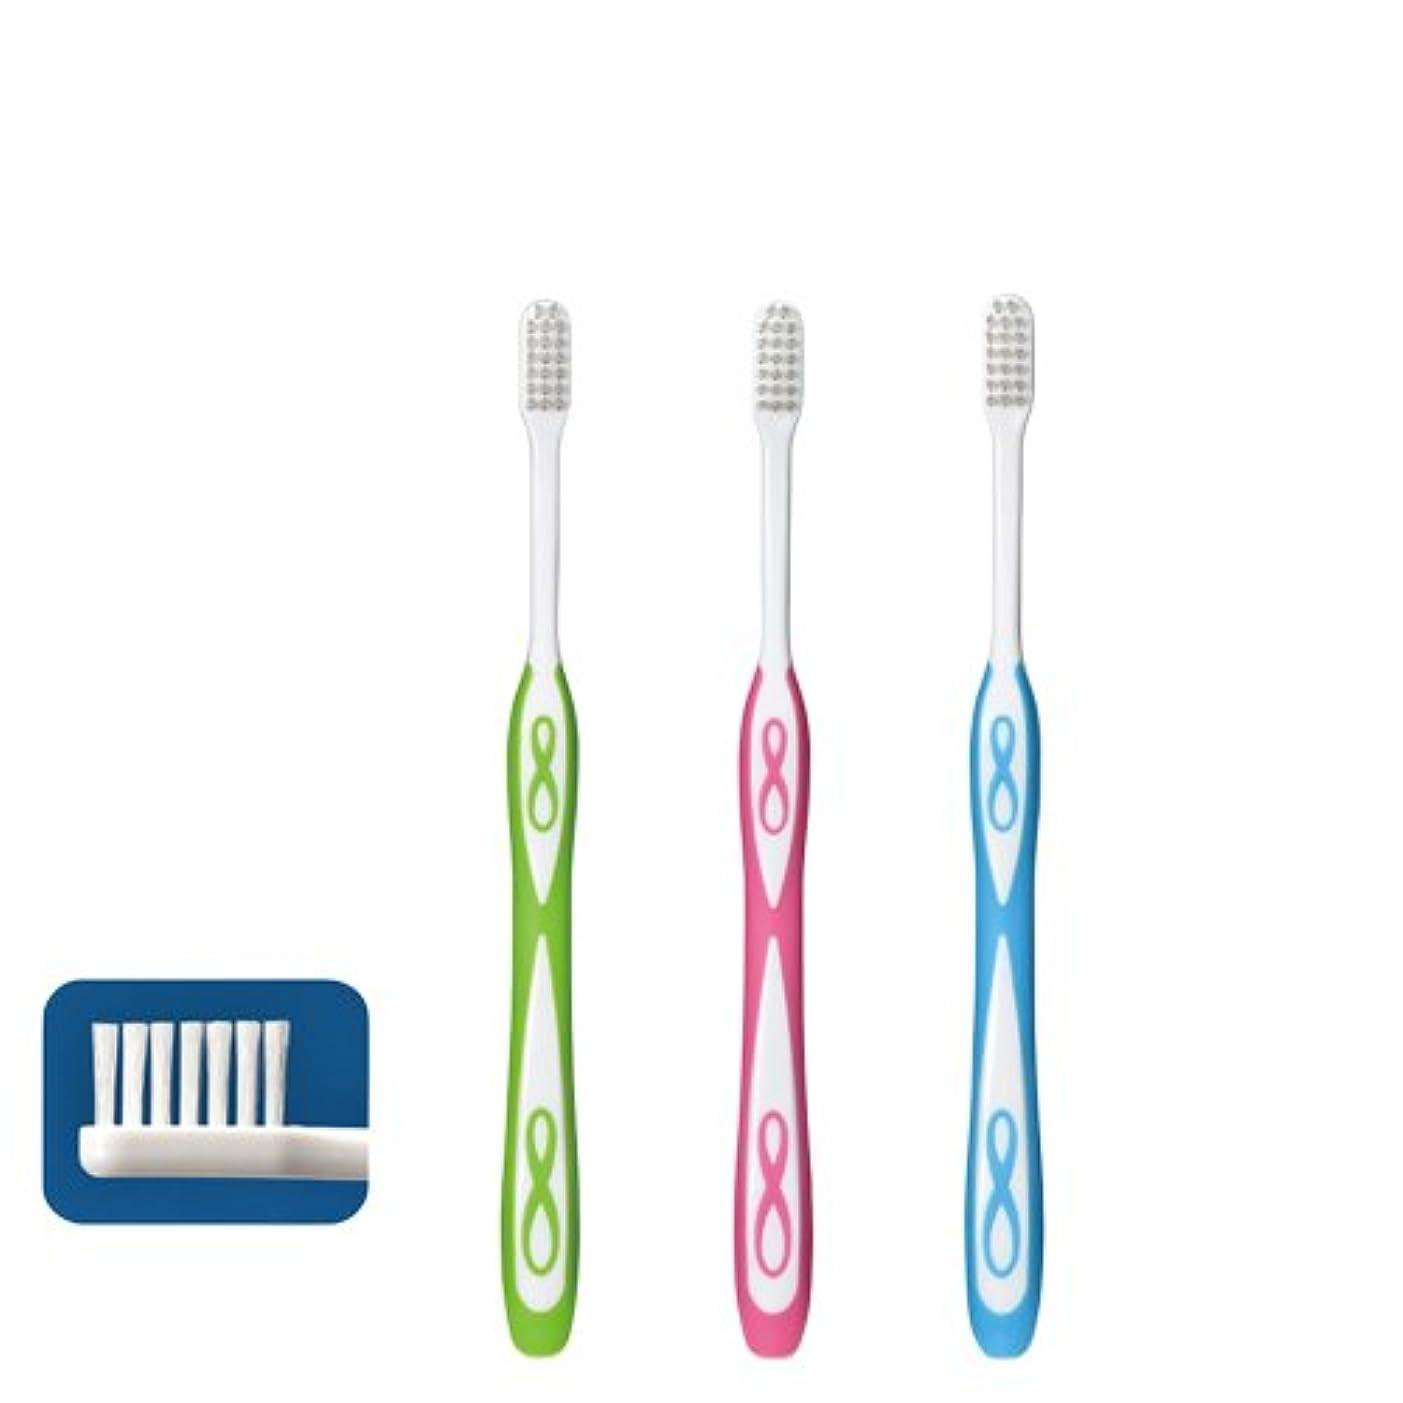 卒業五条約Lover8 ラバーエイト ラウンド毛歯ブラシ × 1本 S(やわらかめ)Ciメディカル 【歯科専売品】